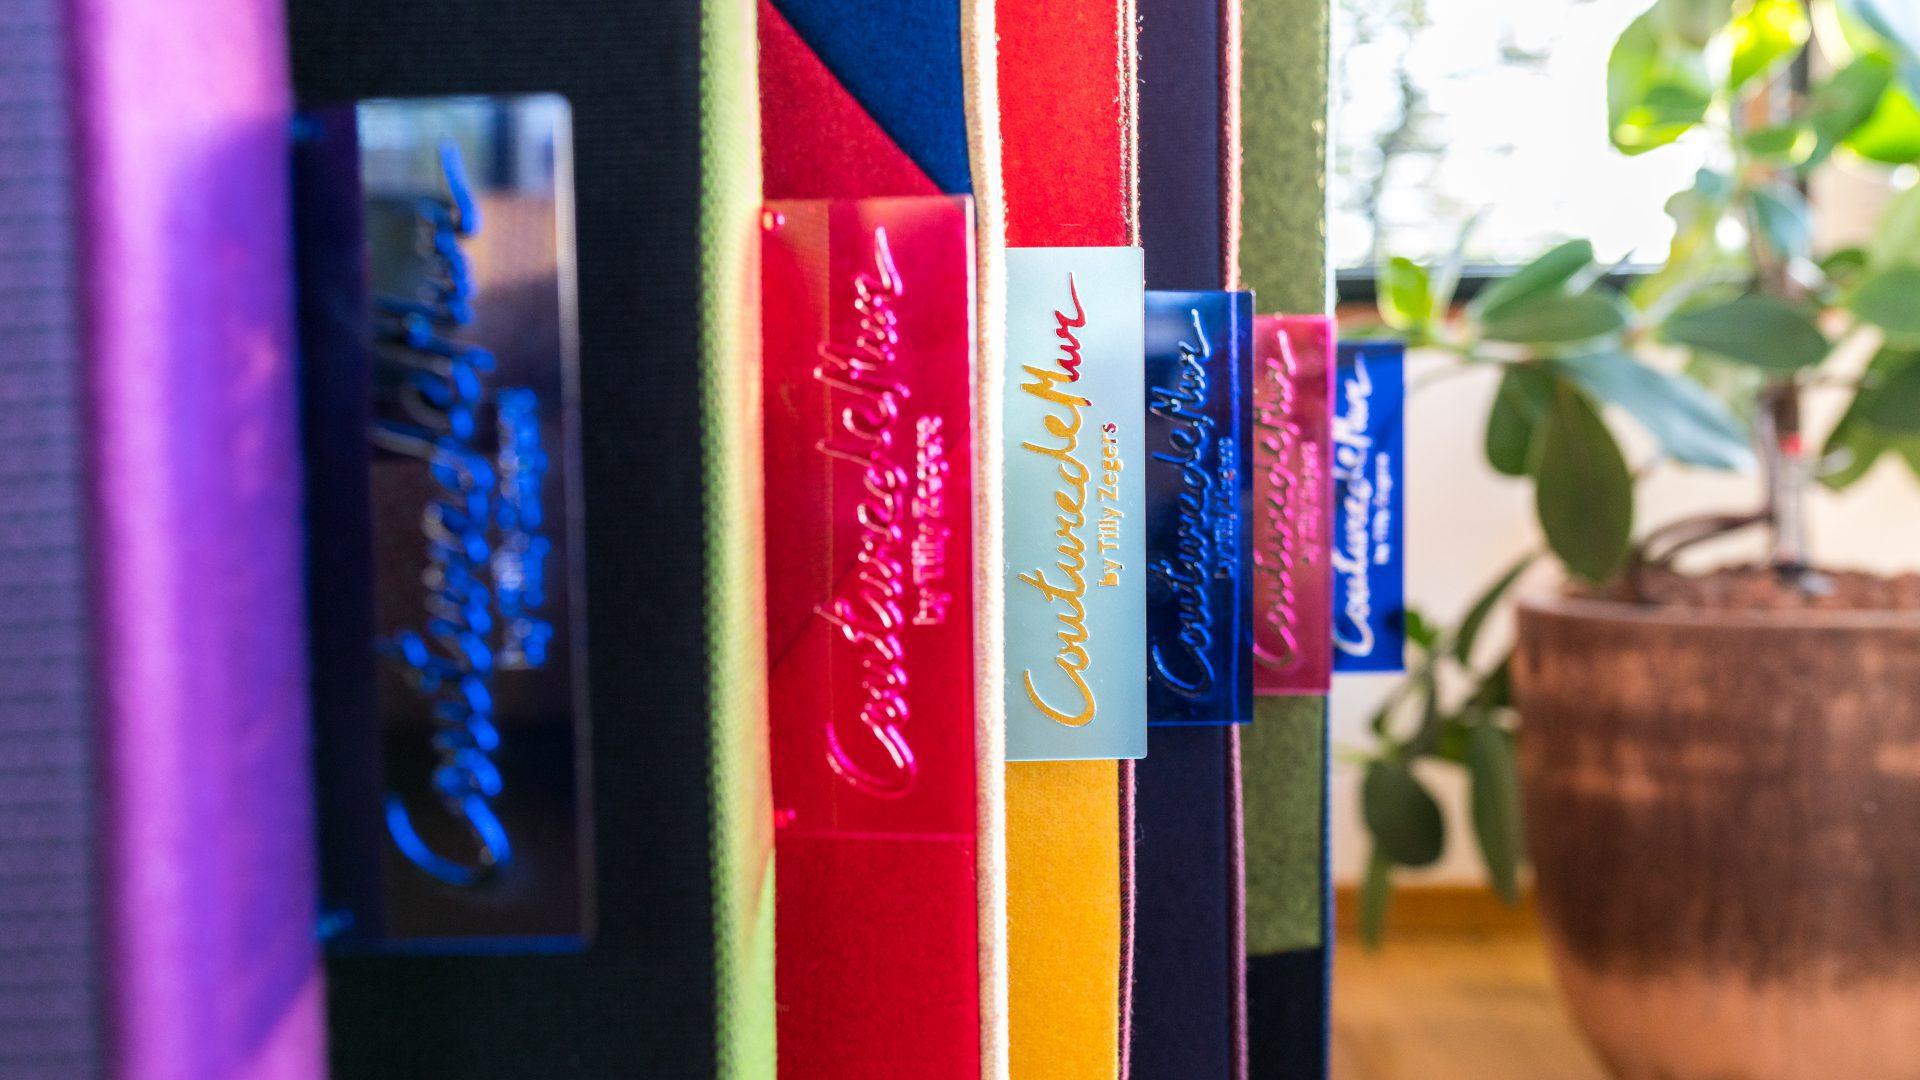 gelaserde labels acryl voor CouturedeMur